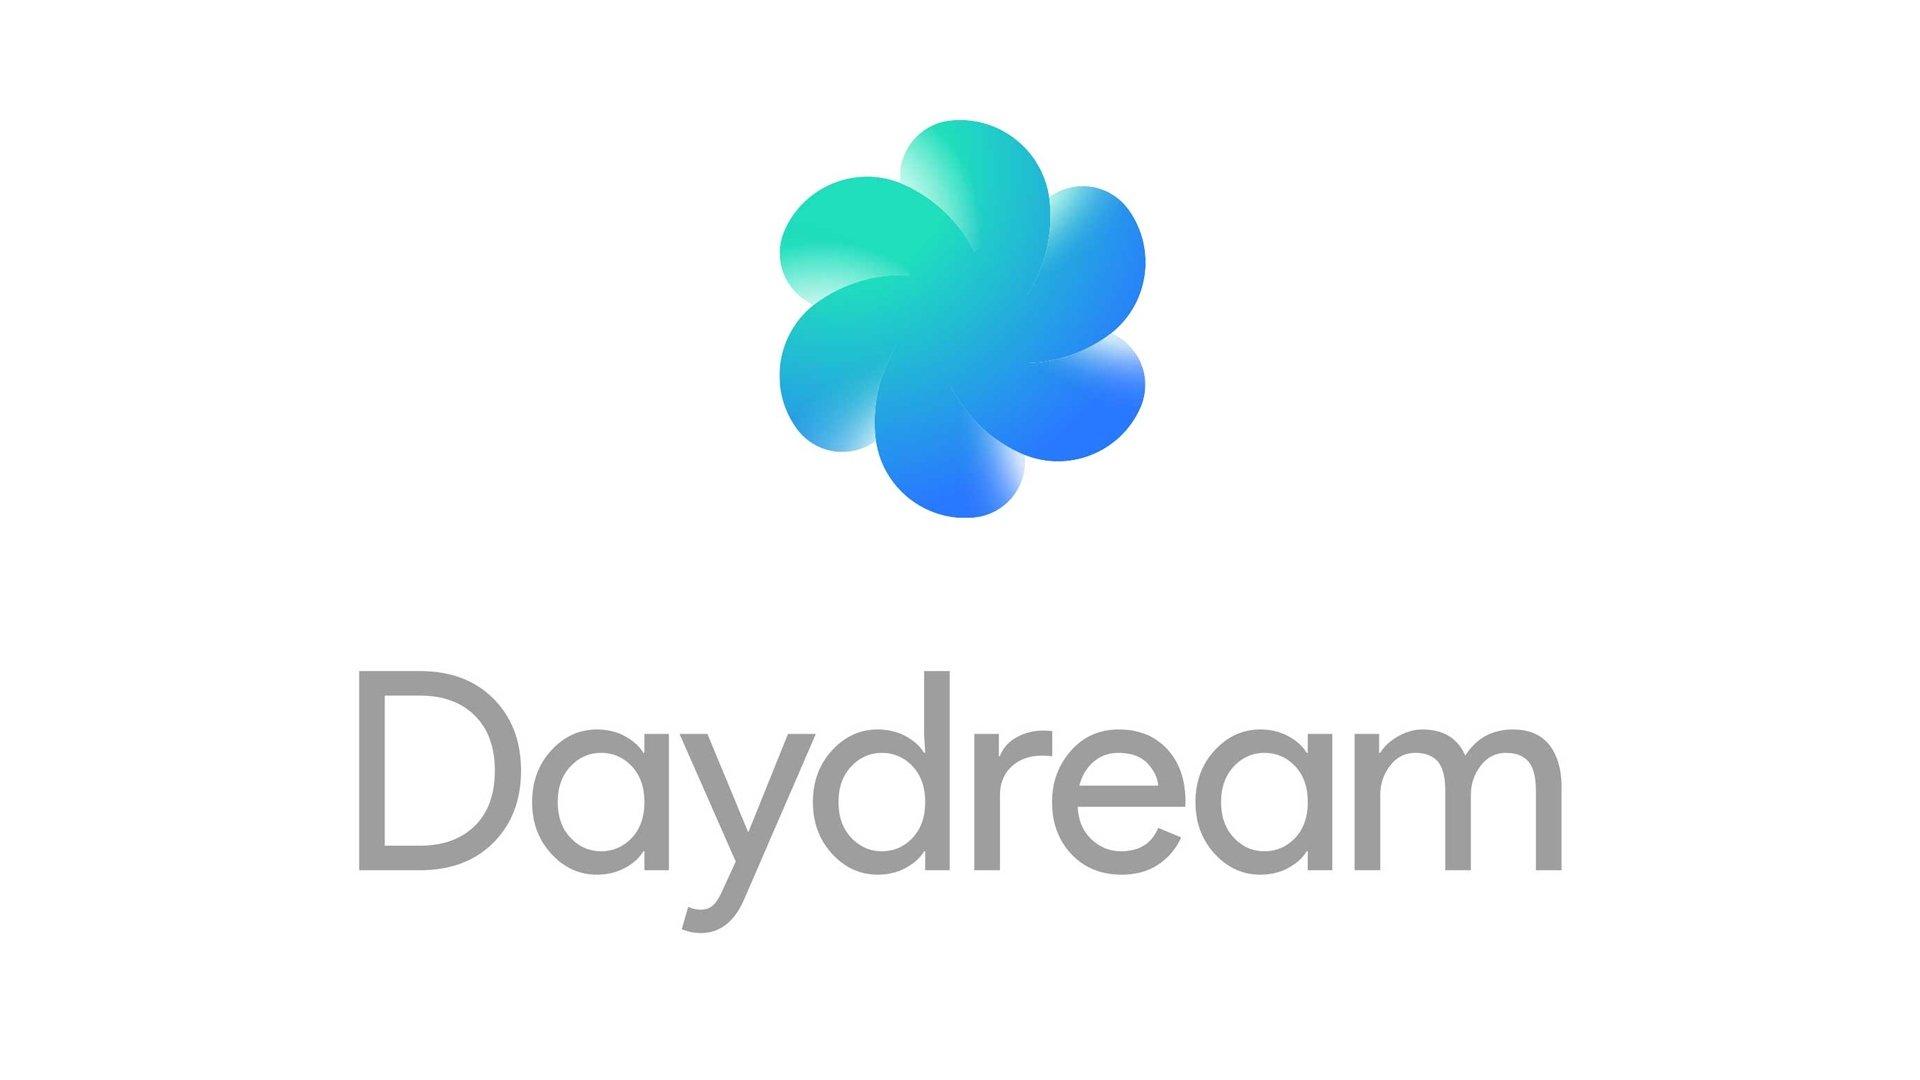 daydream da google